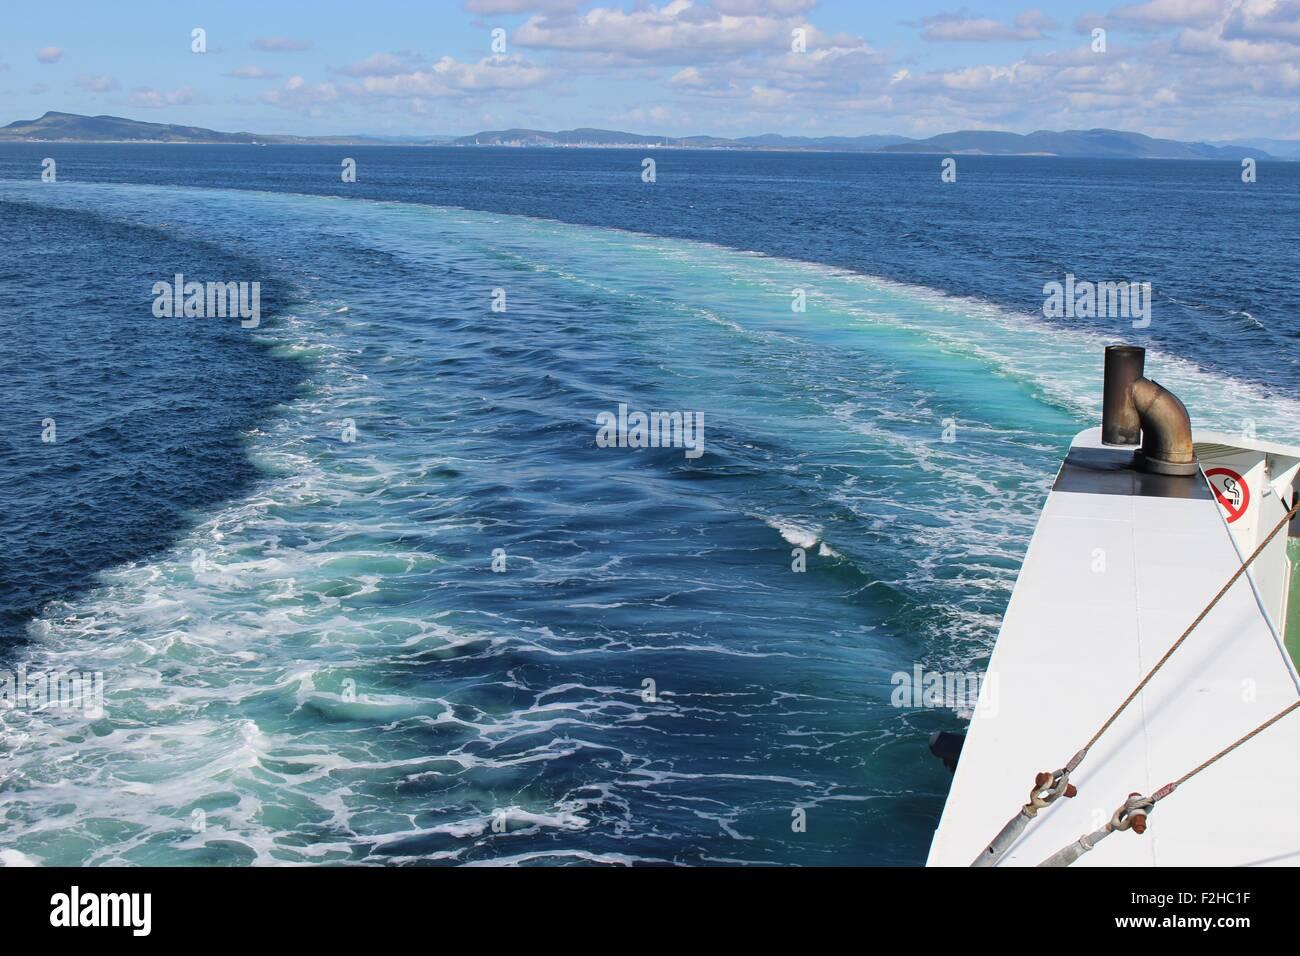 Noruega, Escandinavia, Europa. Un ferry en su camino desde Bergen a Stavanger, pasando el Fiordo 'Boknafjorden'. Imagen De Stock